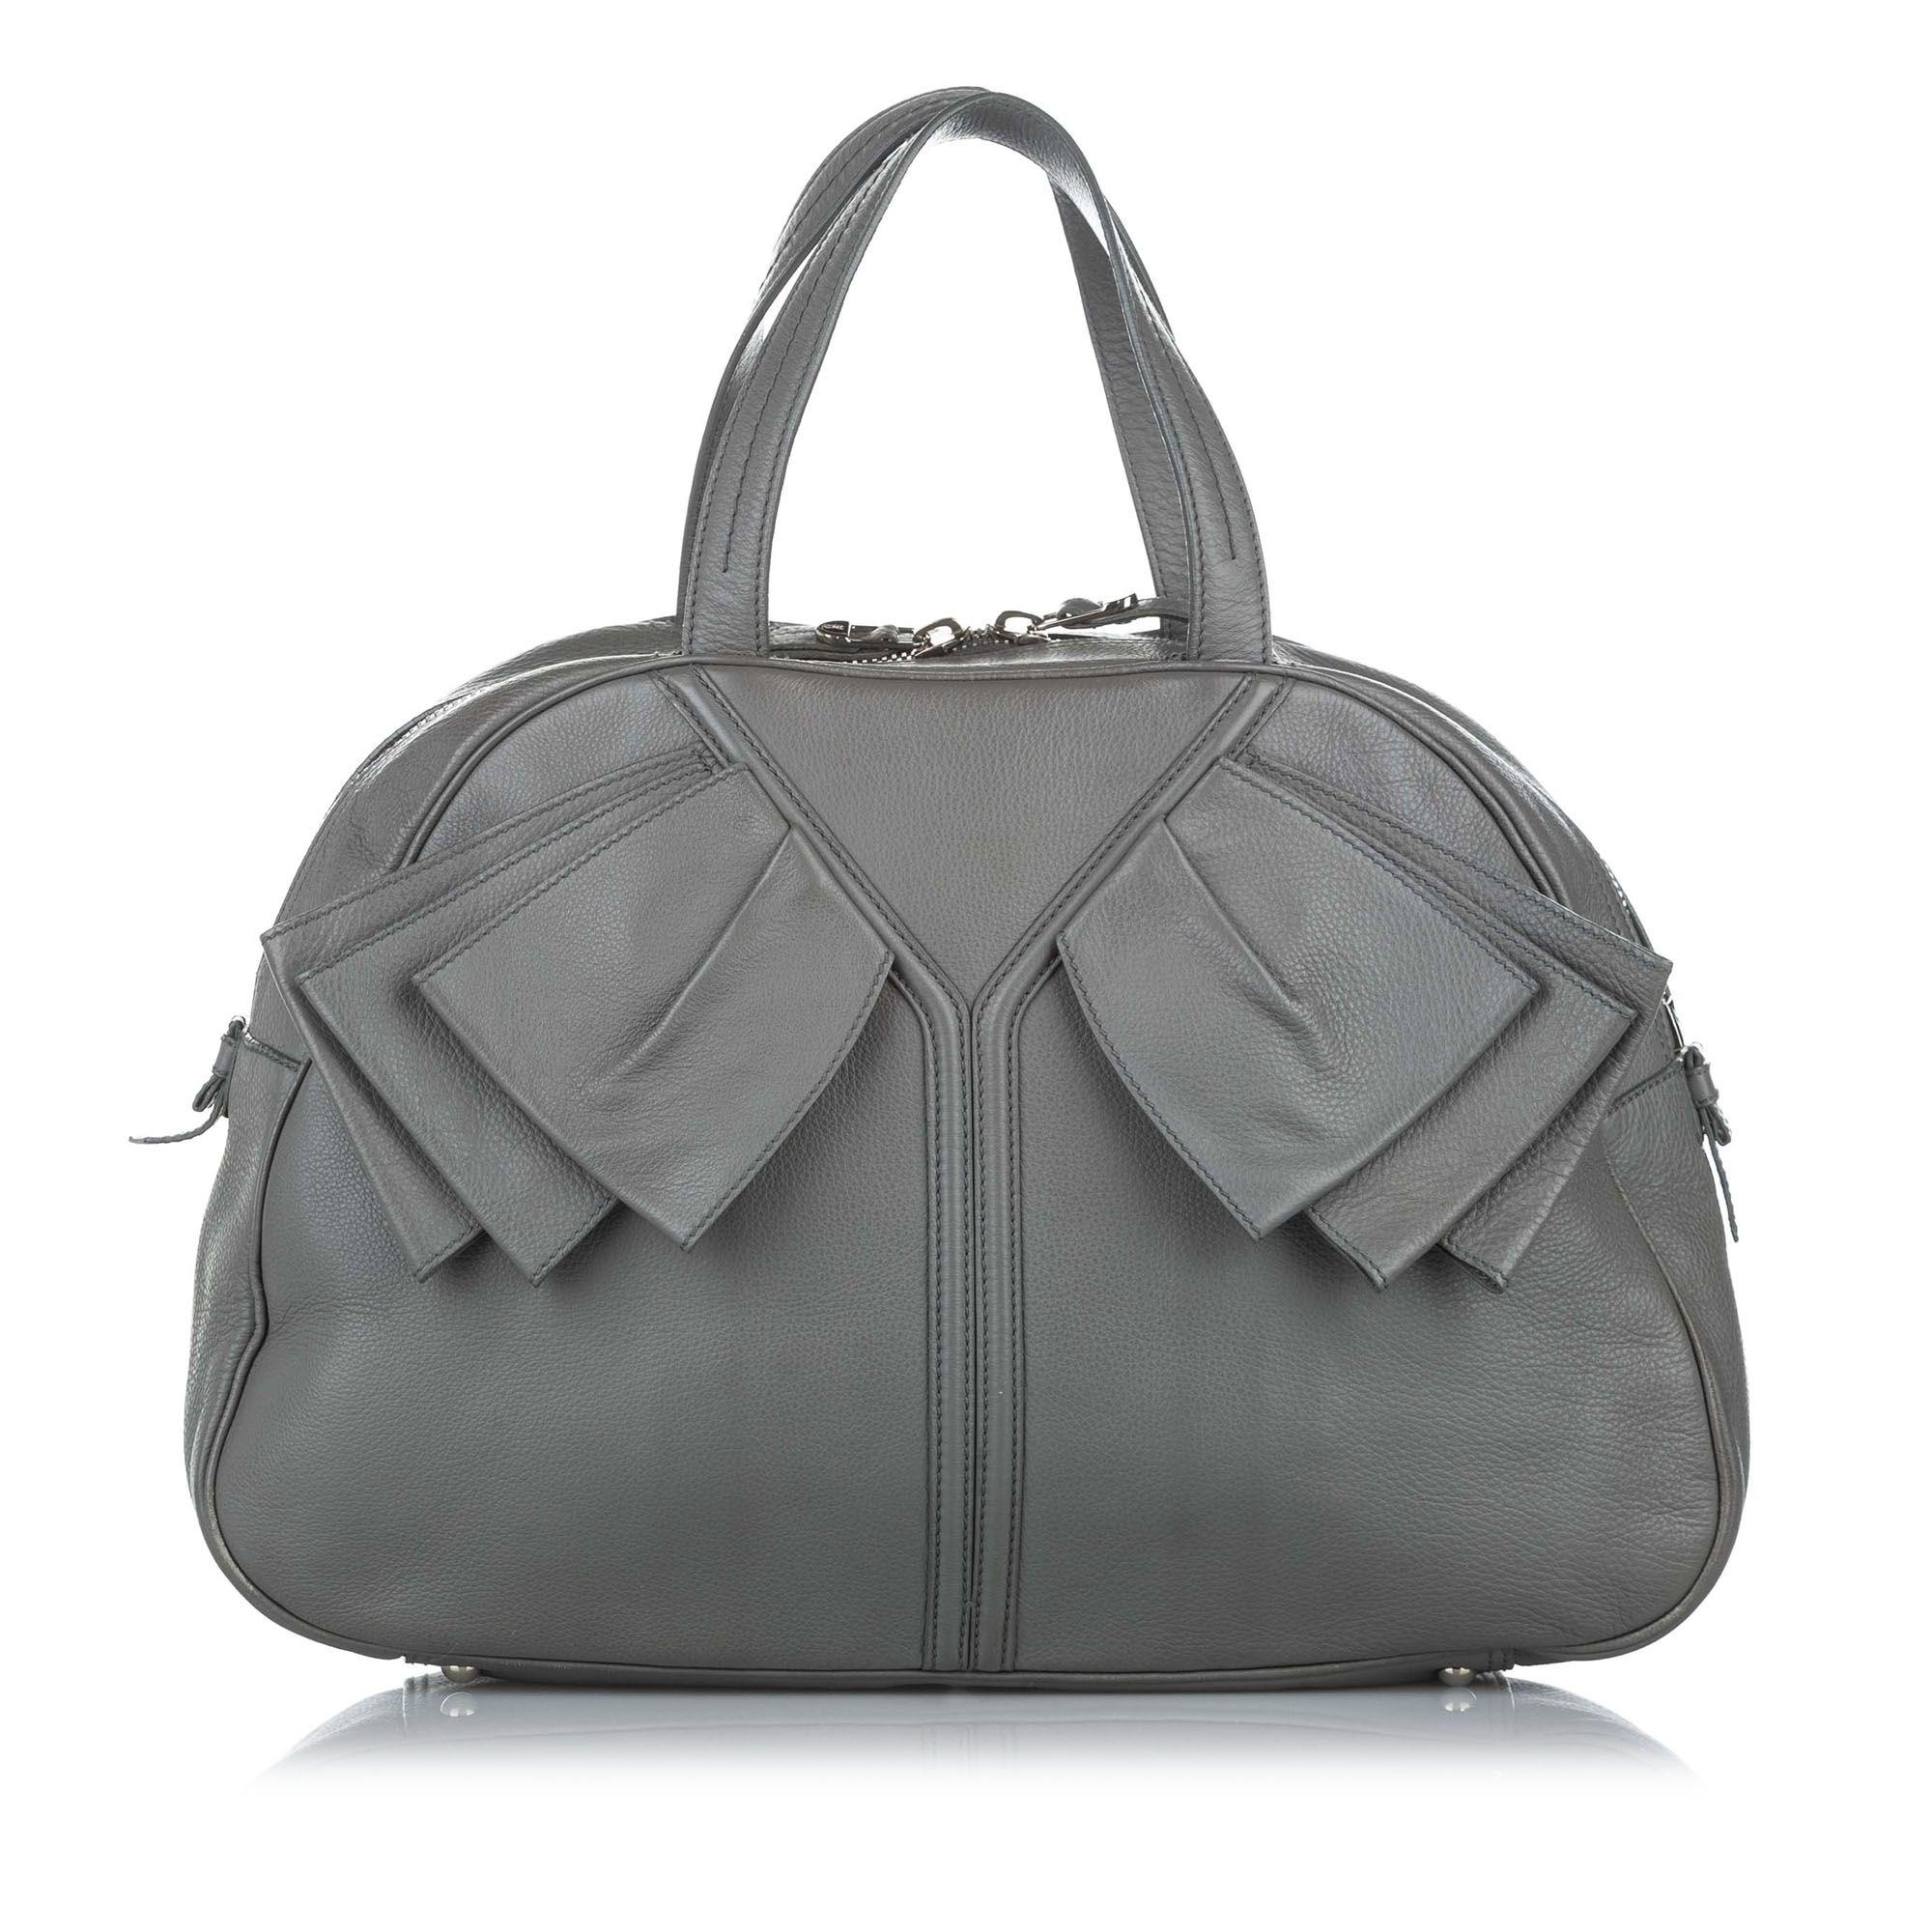 Vintage YSL Leather Tote Bag Brown